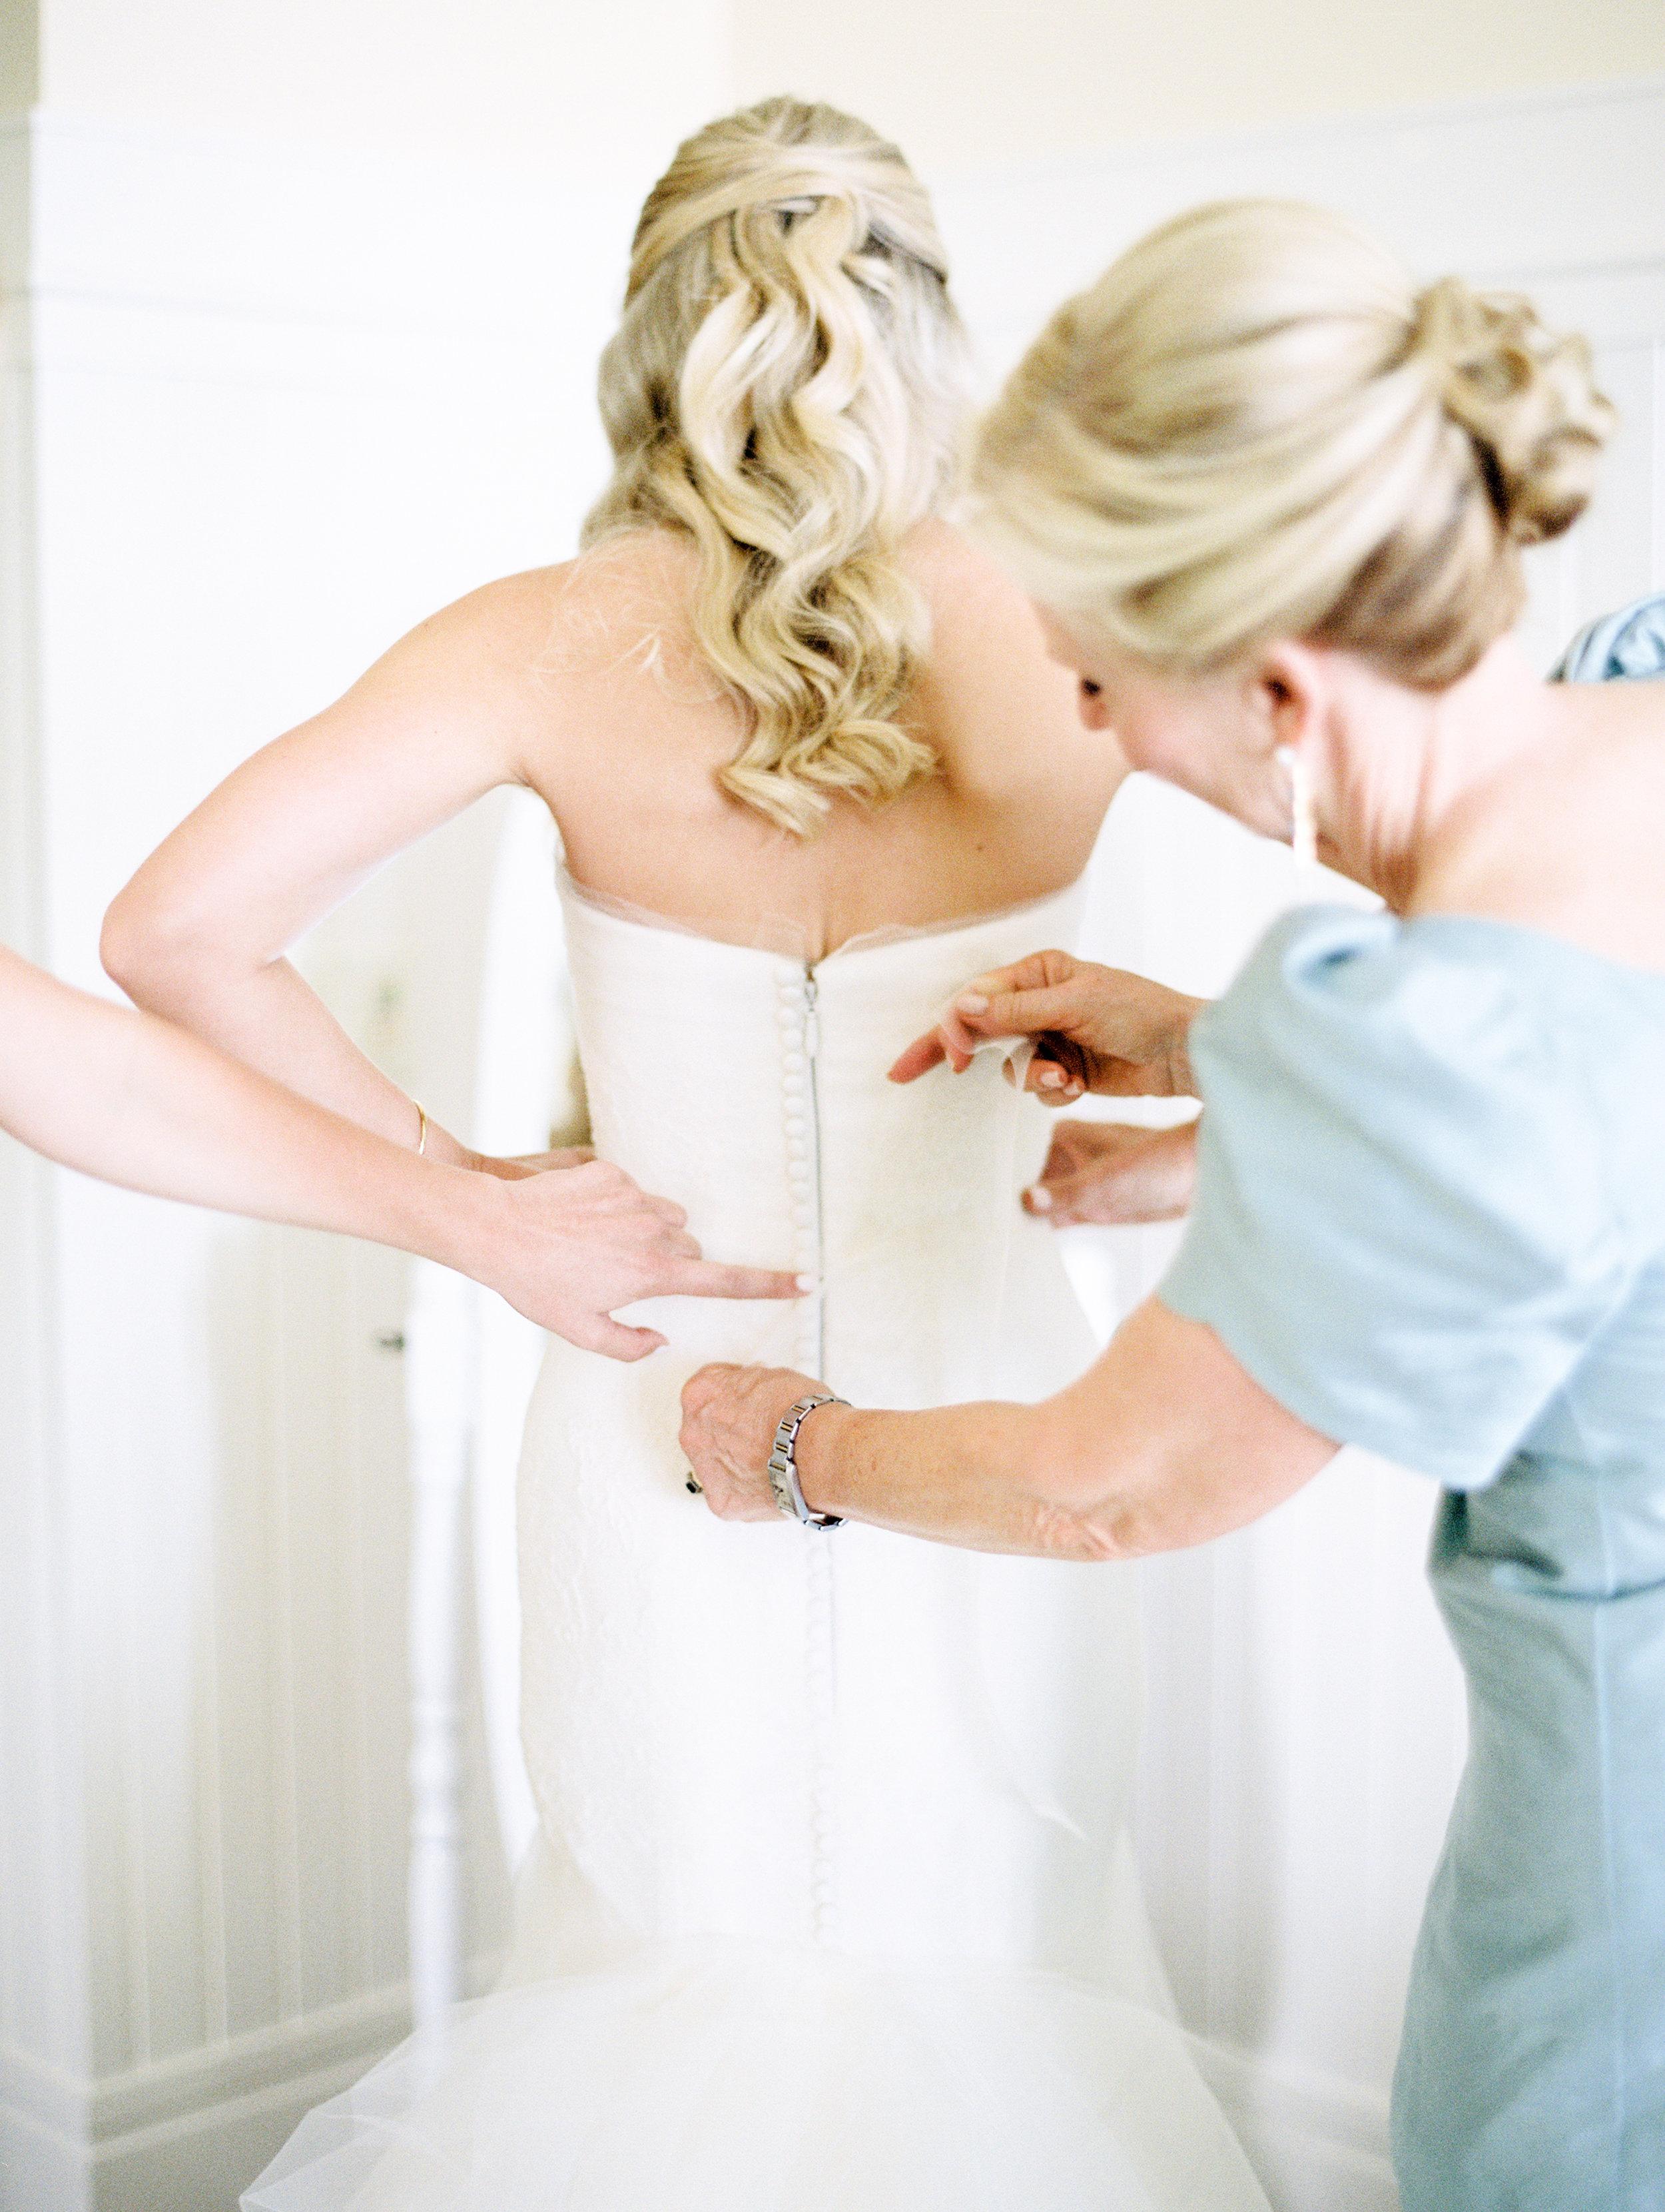 Coffman+Wedding+Getting+Ready+Girls-161.jpg